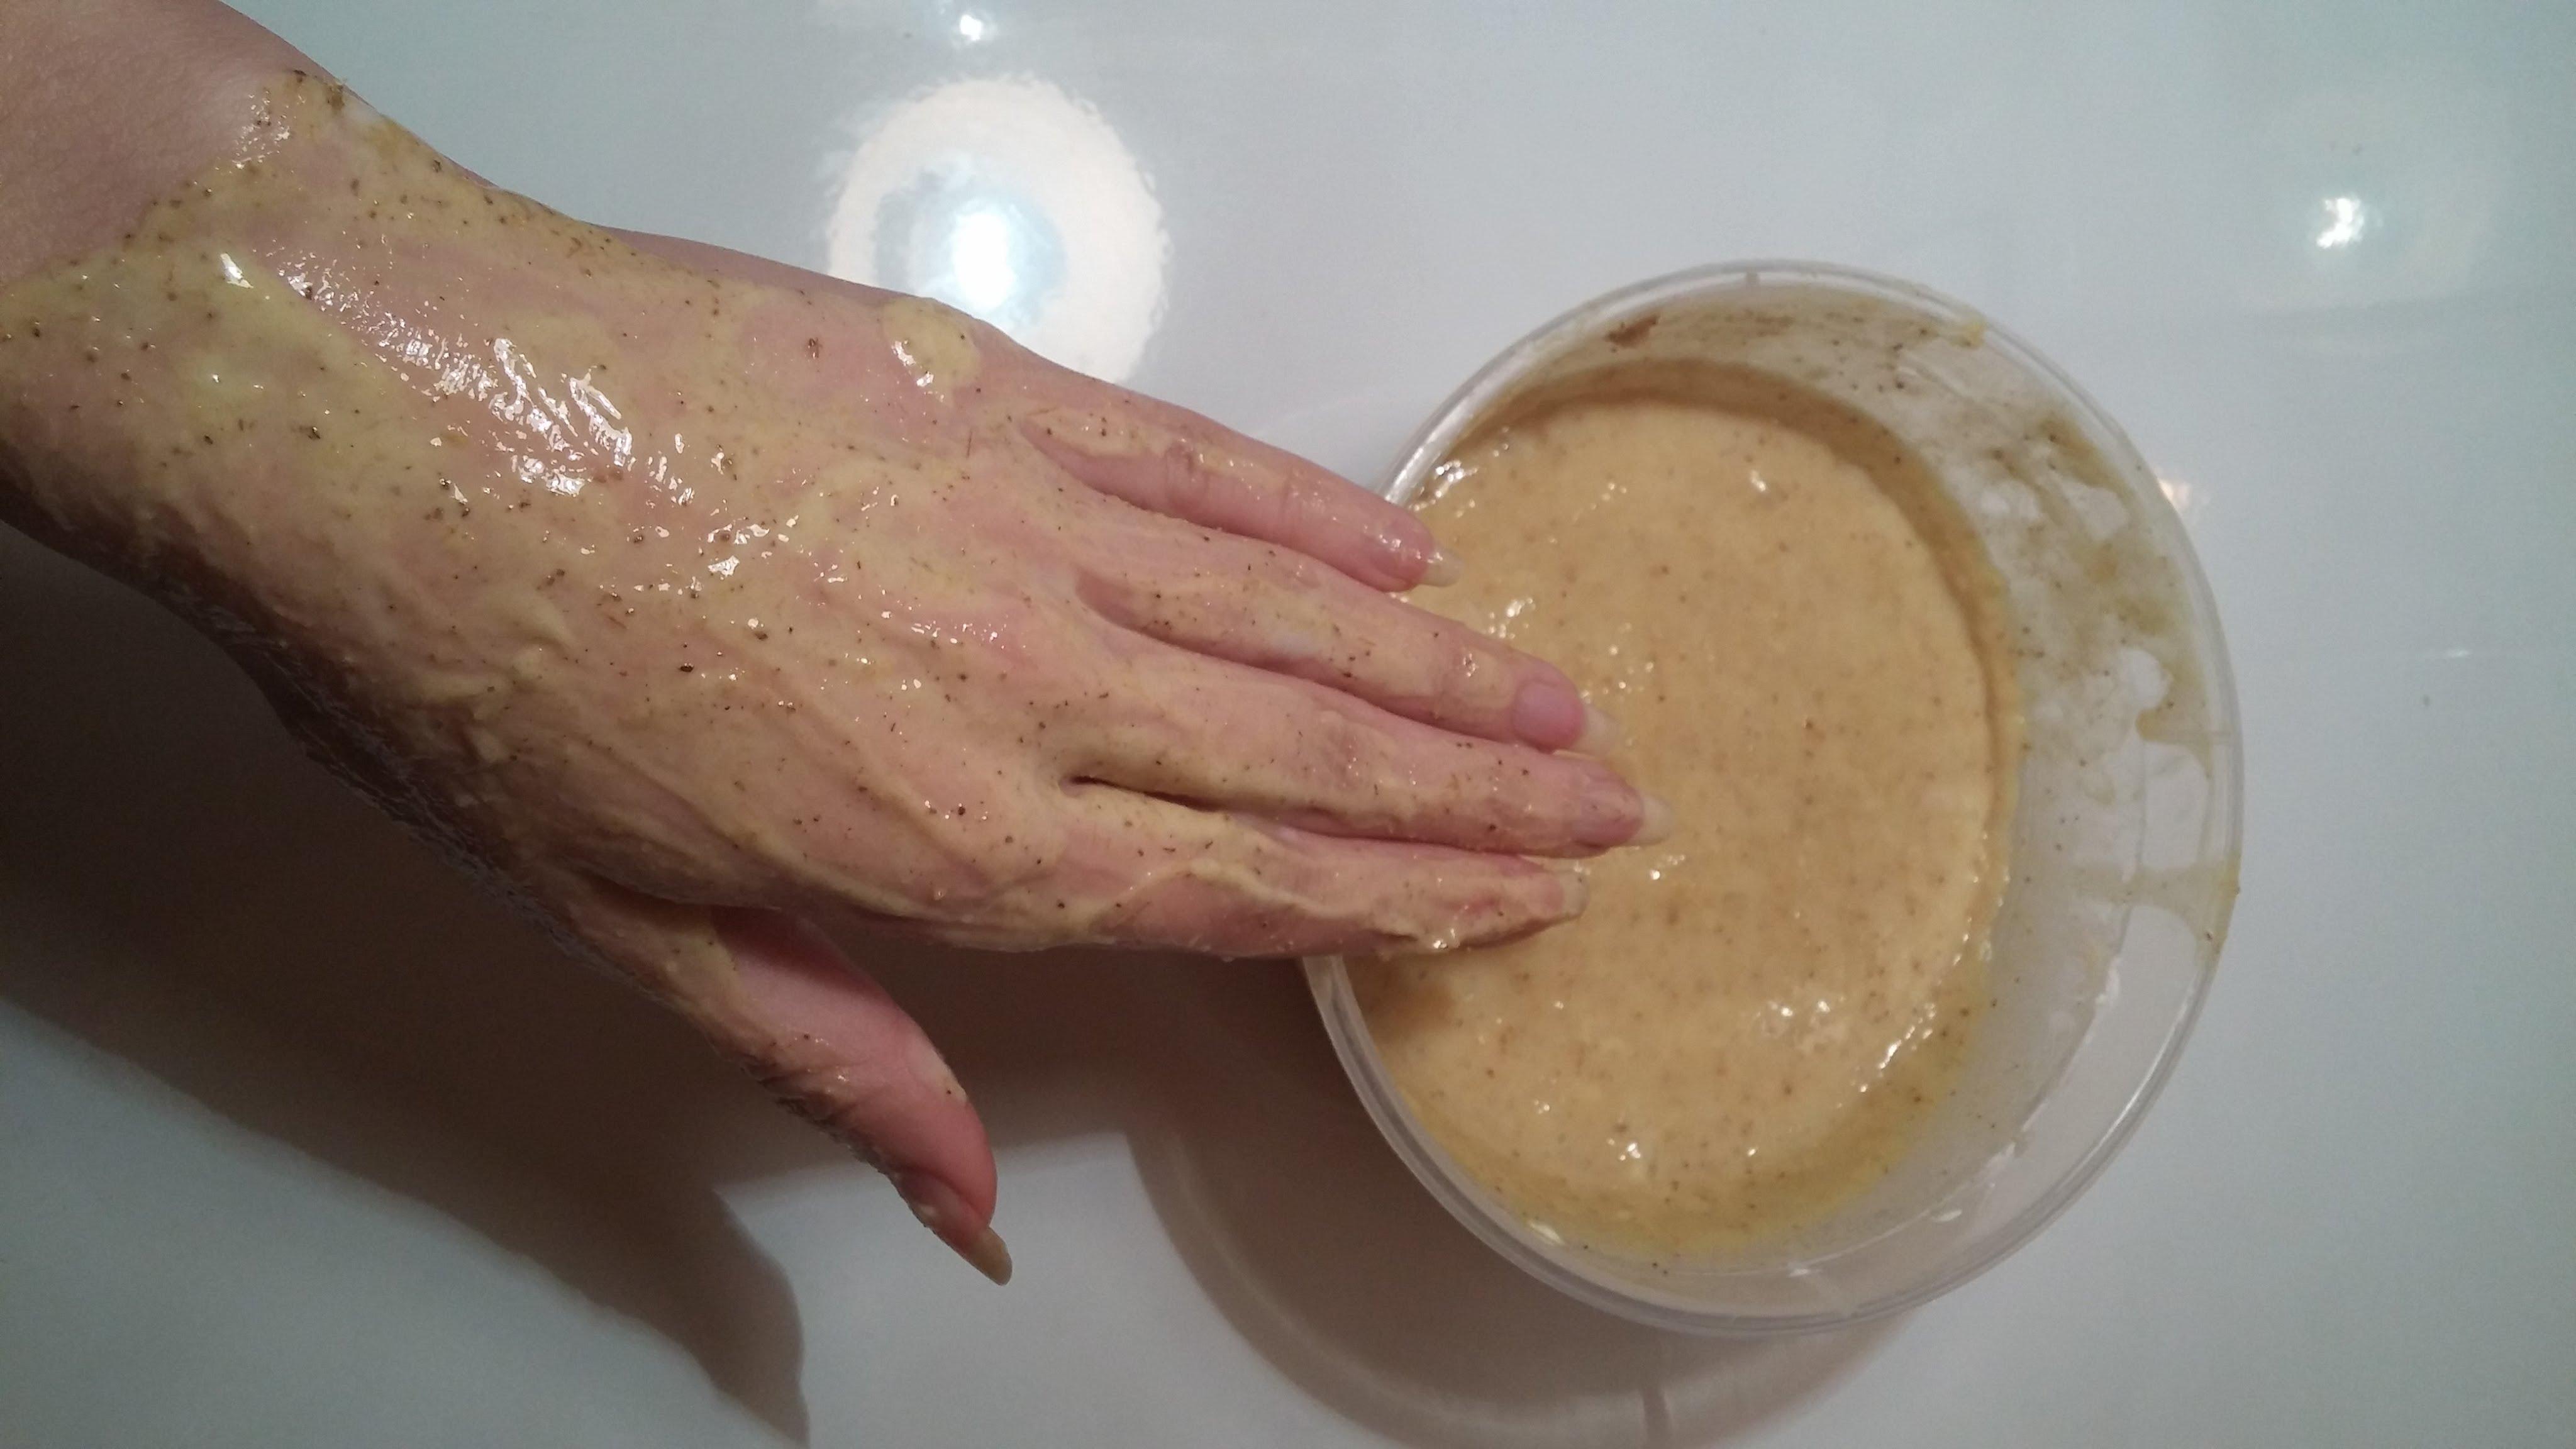 خلطات طبيعية لتبيض اليدين وزيادة النعومة في وقت قياسي